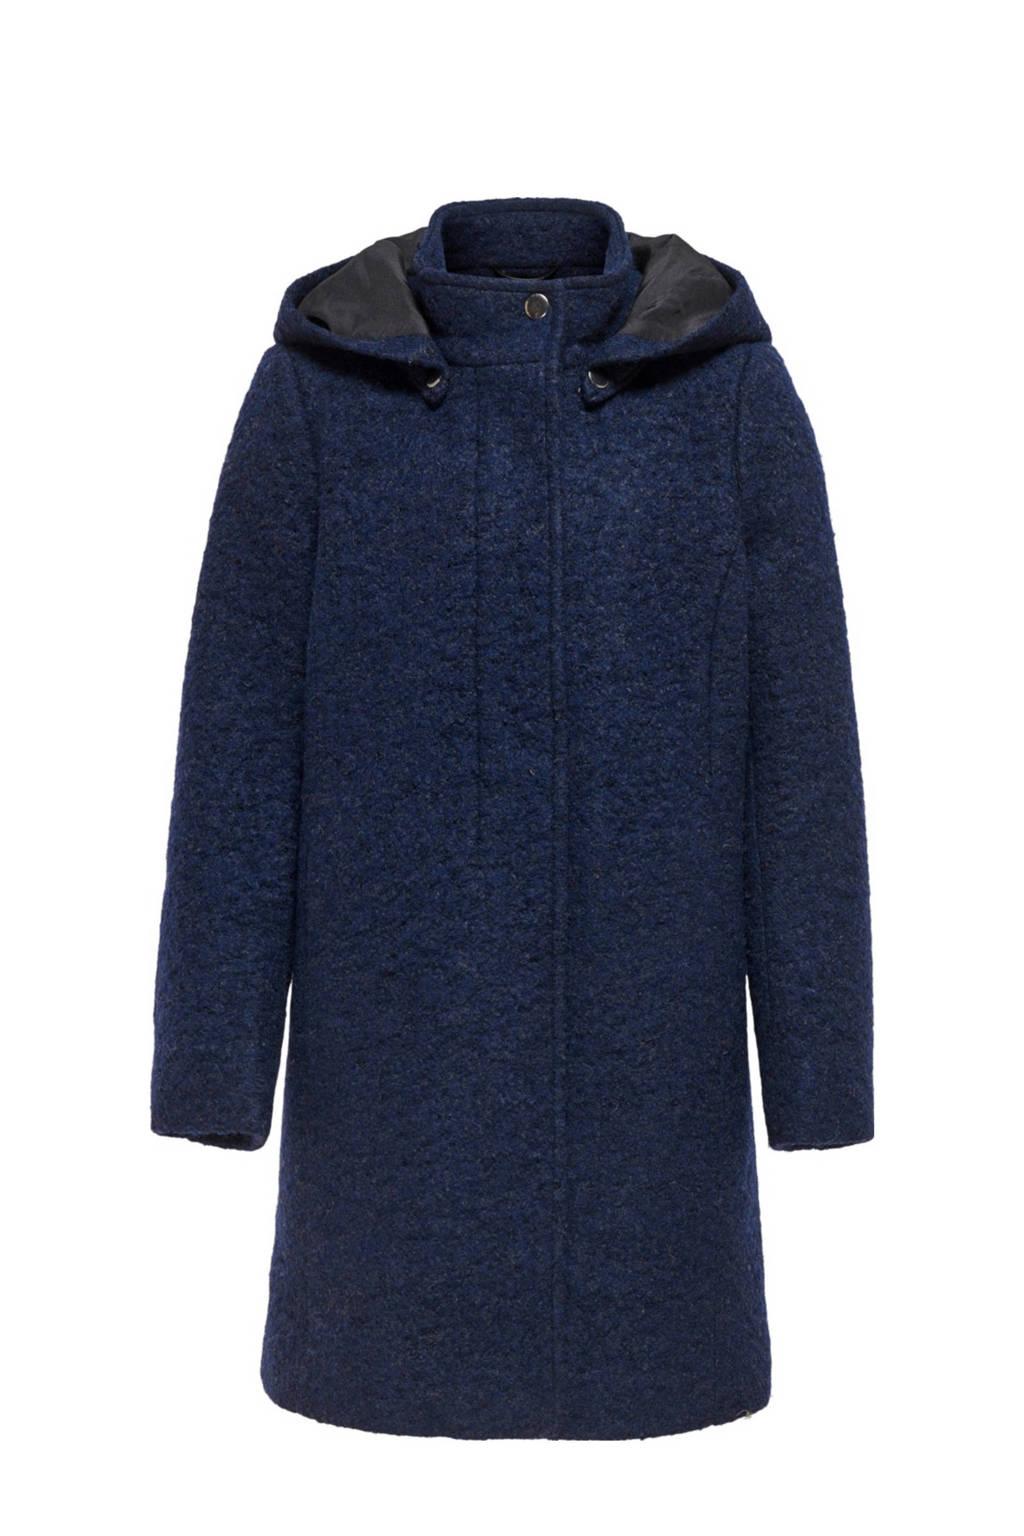 KIDS ONLY  winterjas Sedona donkerblauw/zwart, Donkerblauw/zwart